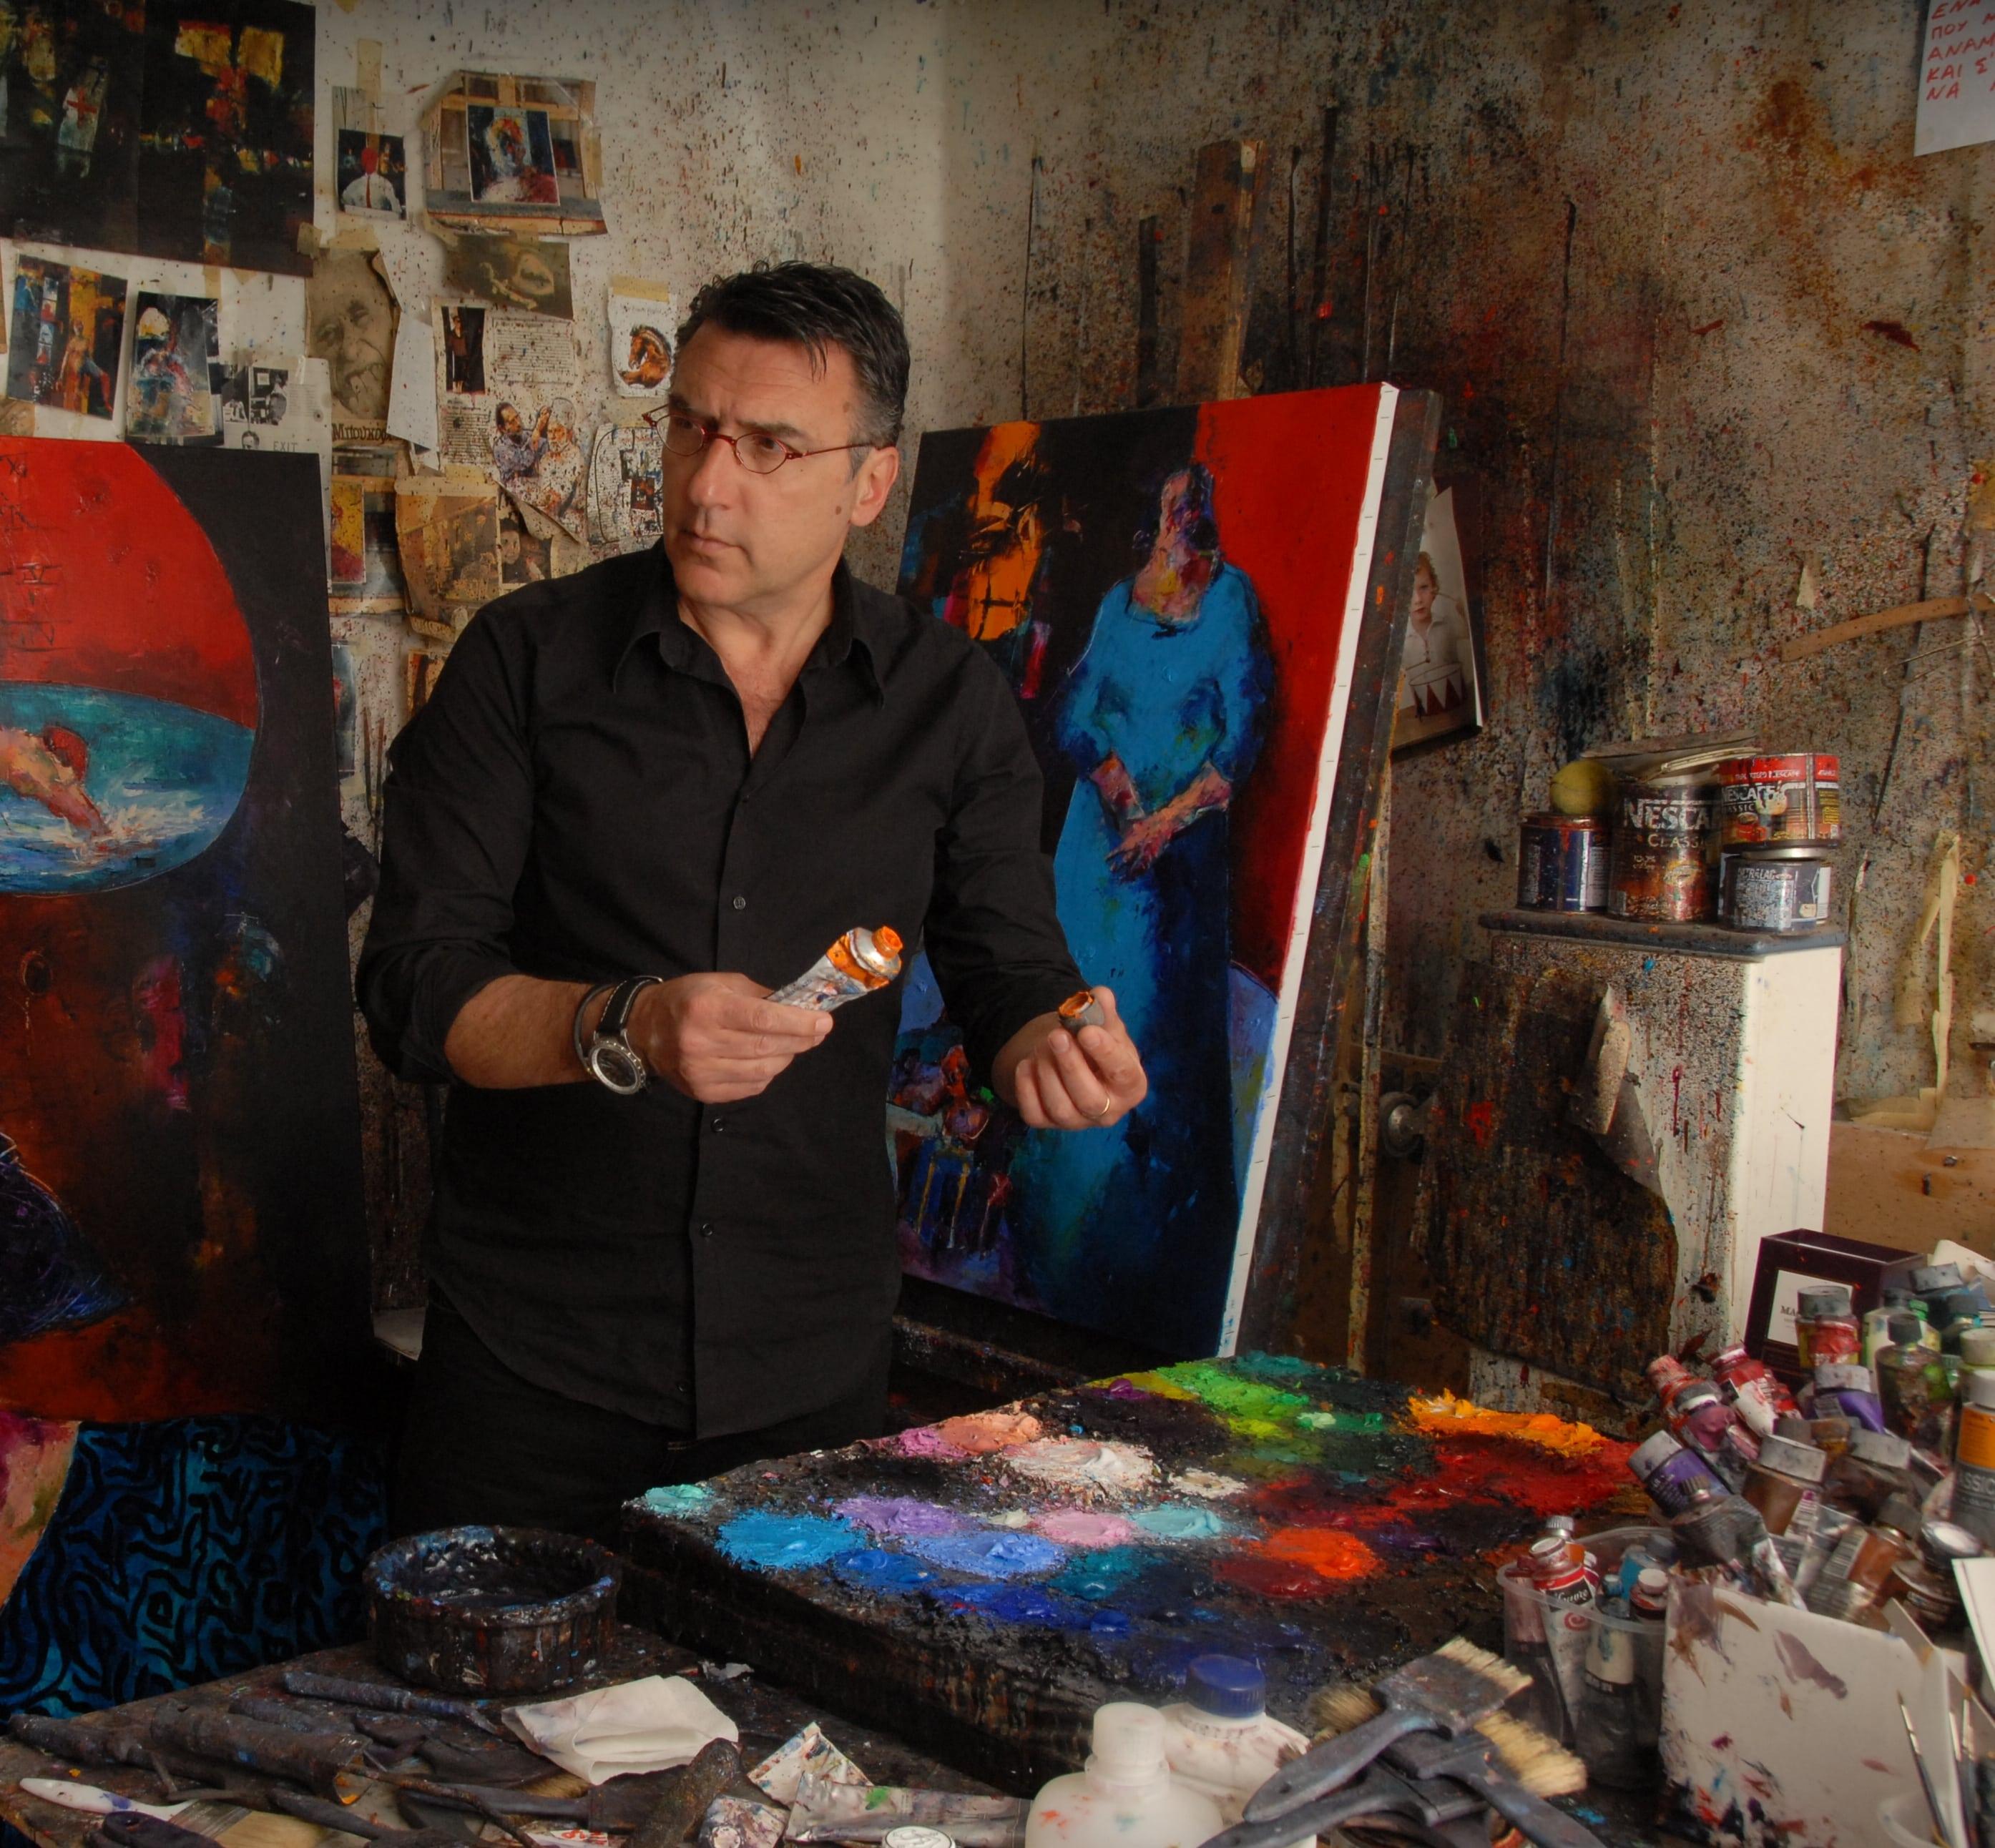 Κωστής Γεωργίου: «Η τέχνη είναι το αμορτισέρ που απορροφά τους κραδασμούς του κακοτράχαλου δρόμου της καθημερινότητας»